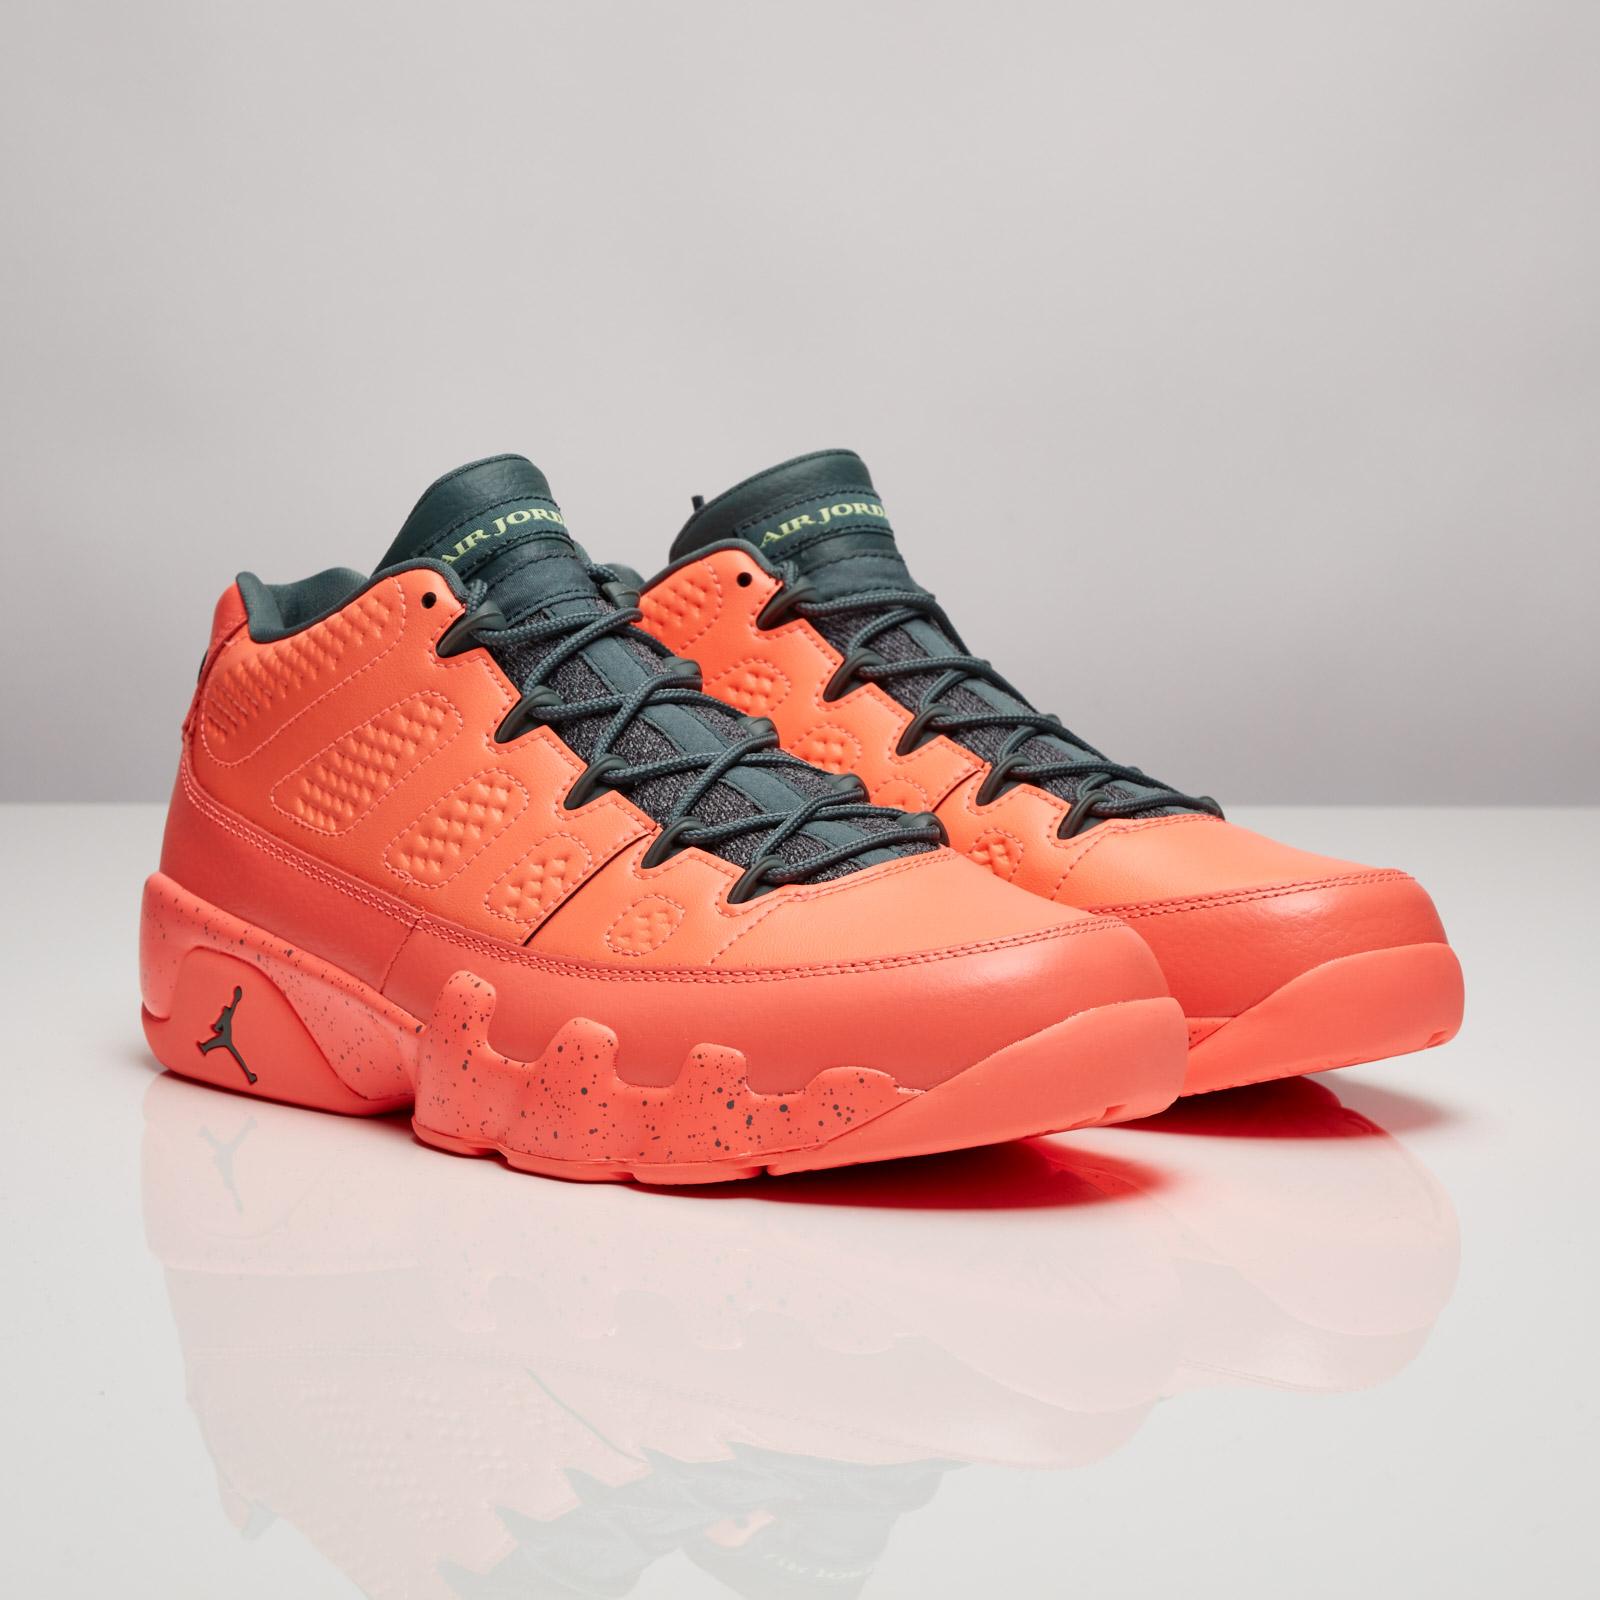 4ff47846fef8a2 Jordan Brand Air Jordan 9 Retro Low - 832822-805 - Sneakersnstuff ...